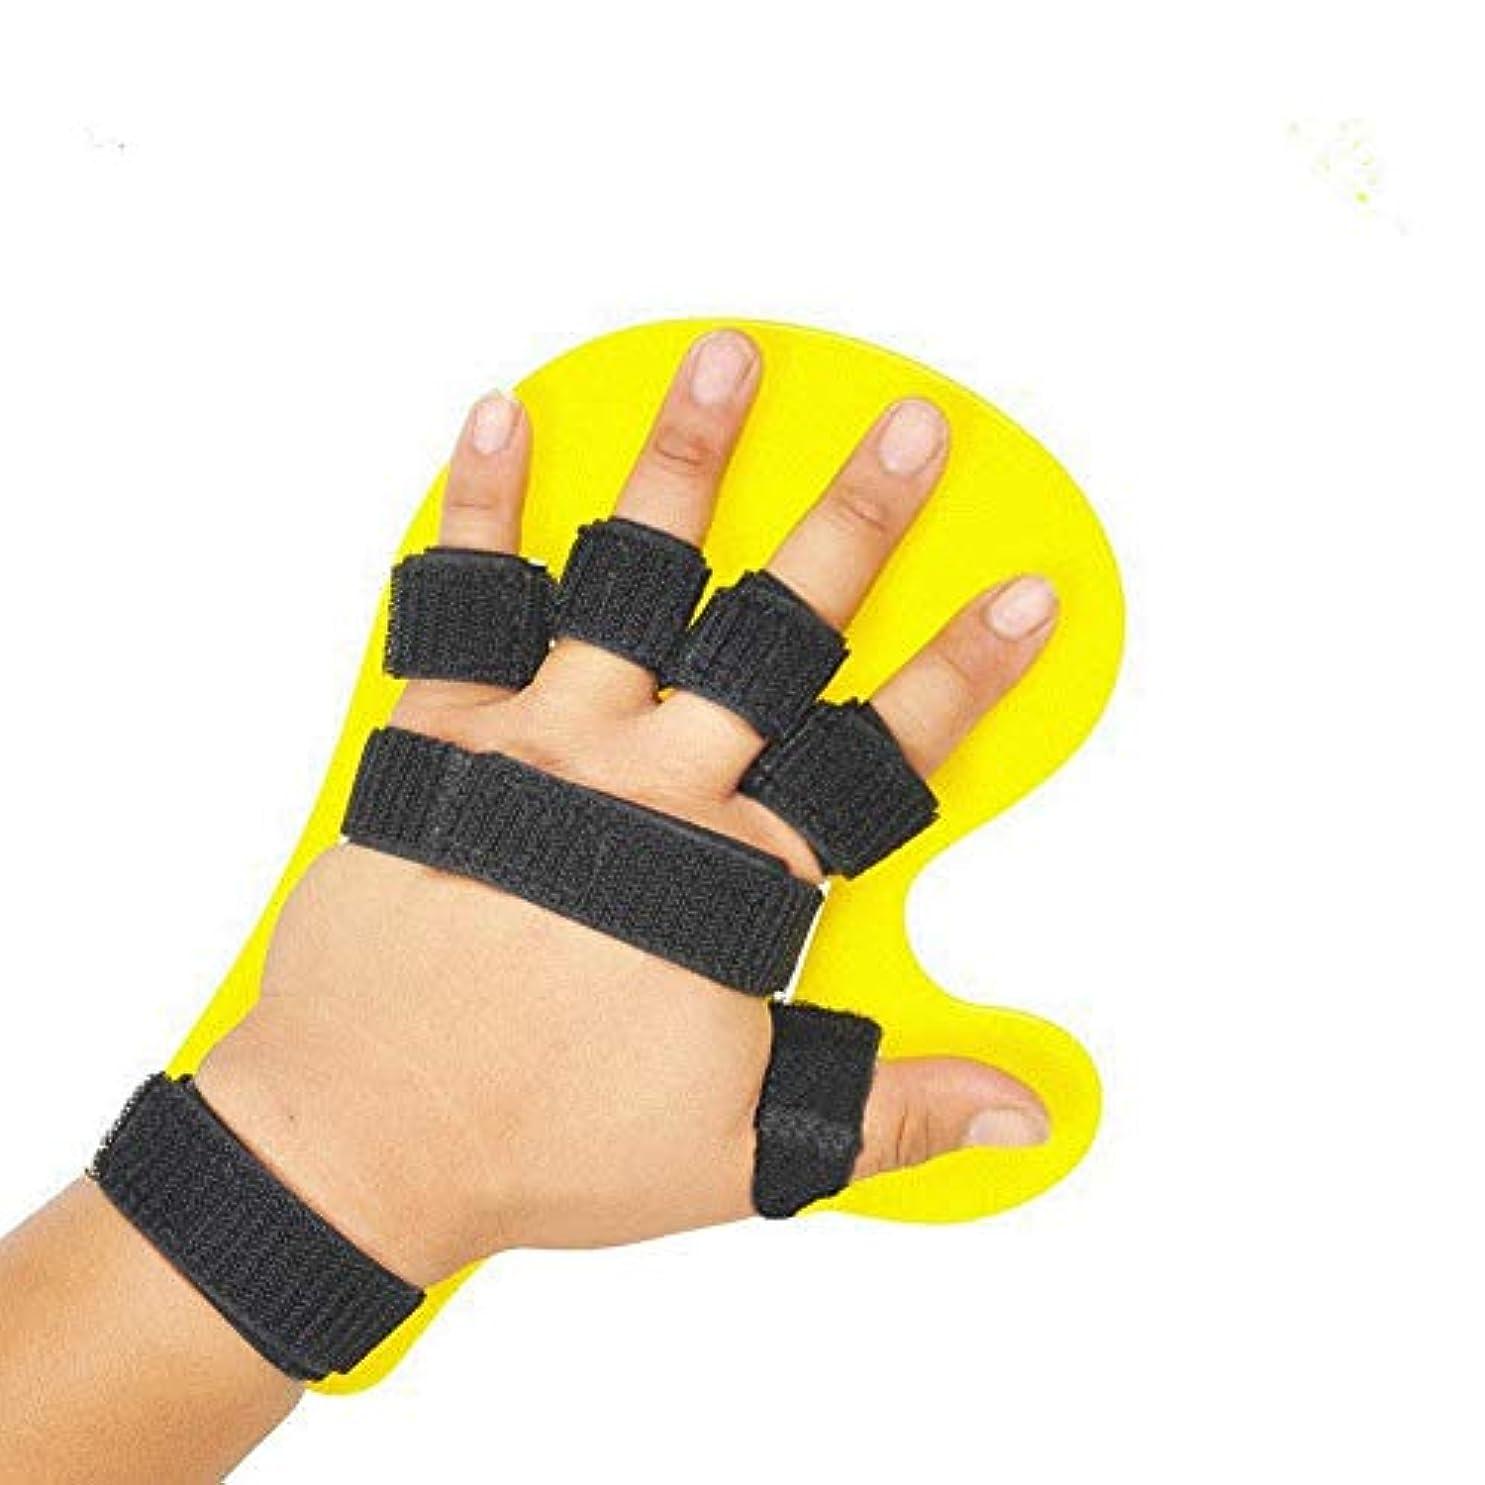 抑止する合理化想起調節可能な 成人指板は、筋萎縮を防止します指セパレーター(黄色)